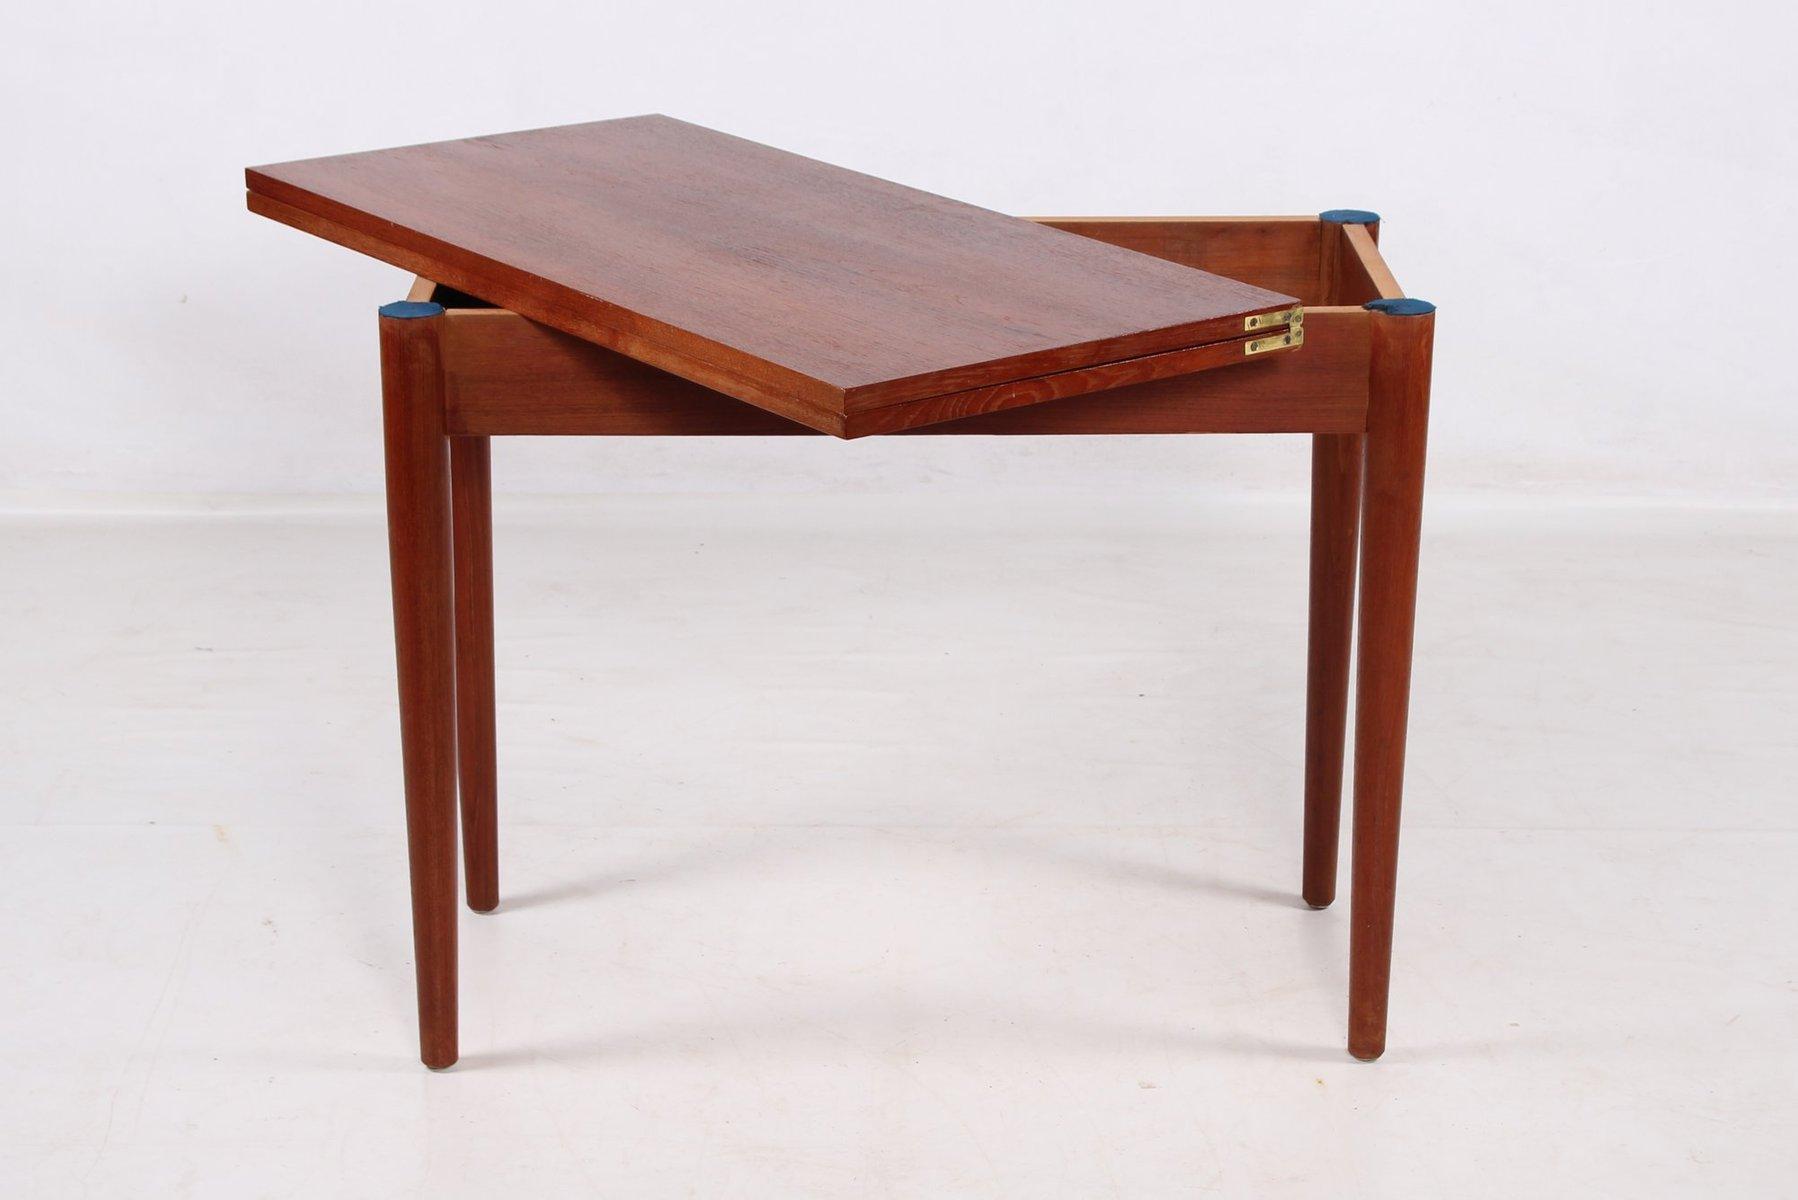 Dänischer Teak Spieltisch mit Faltbarer Tischplatte   Kinderzimmer > Kindertische   Braun   Teakholz